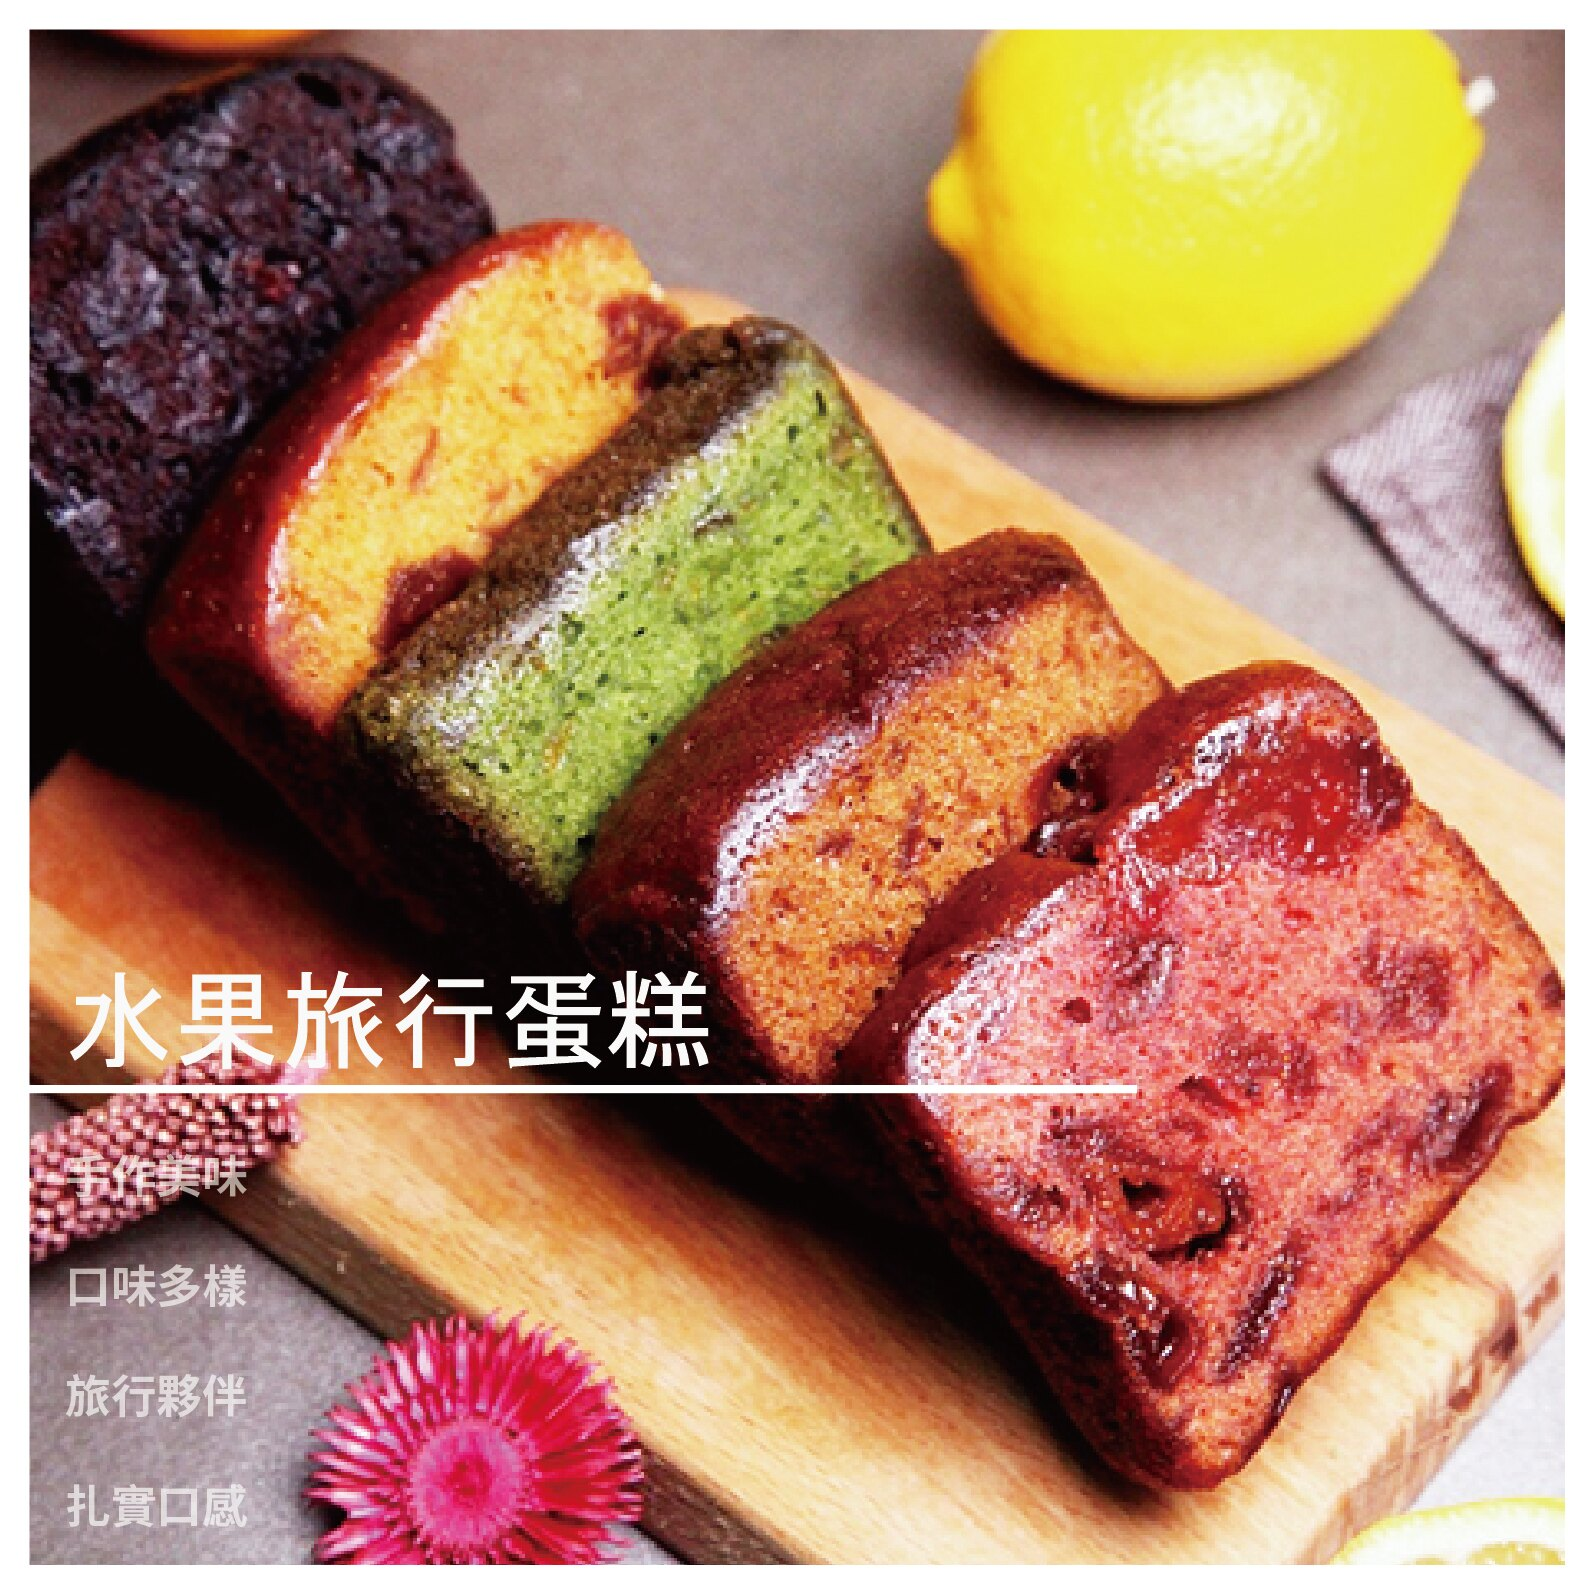 【栗卡朵洋菓子工坊】水果旅行蛋糕手提禮盒8入